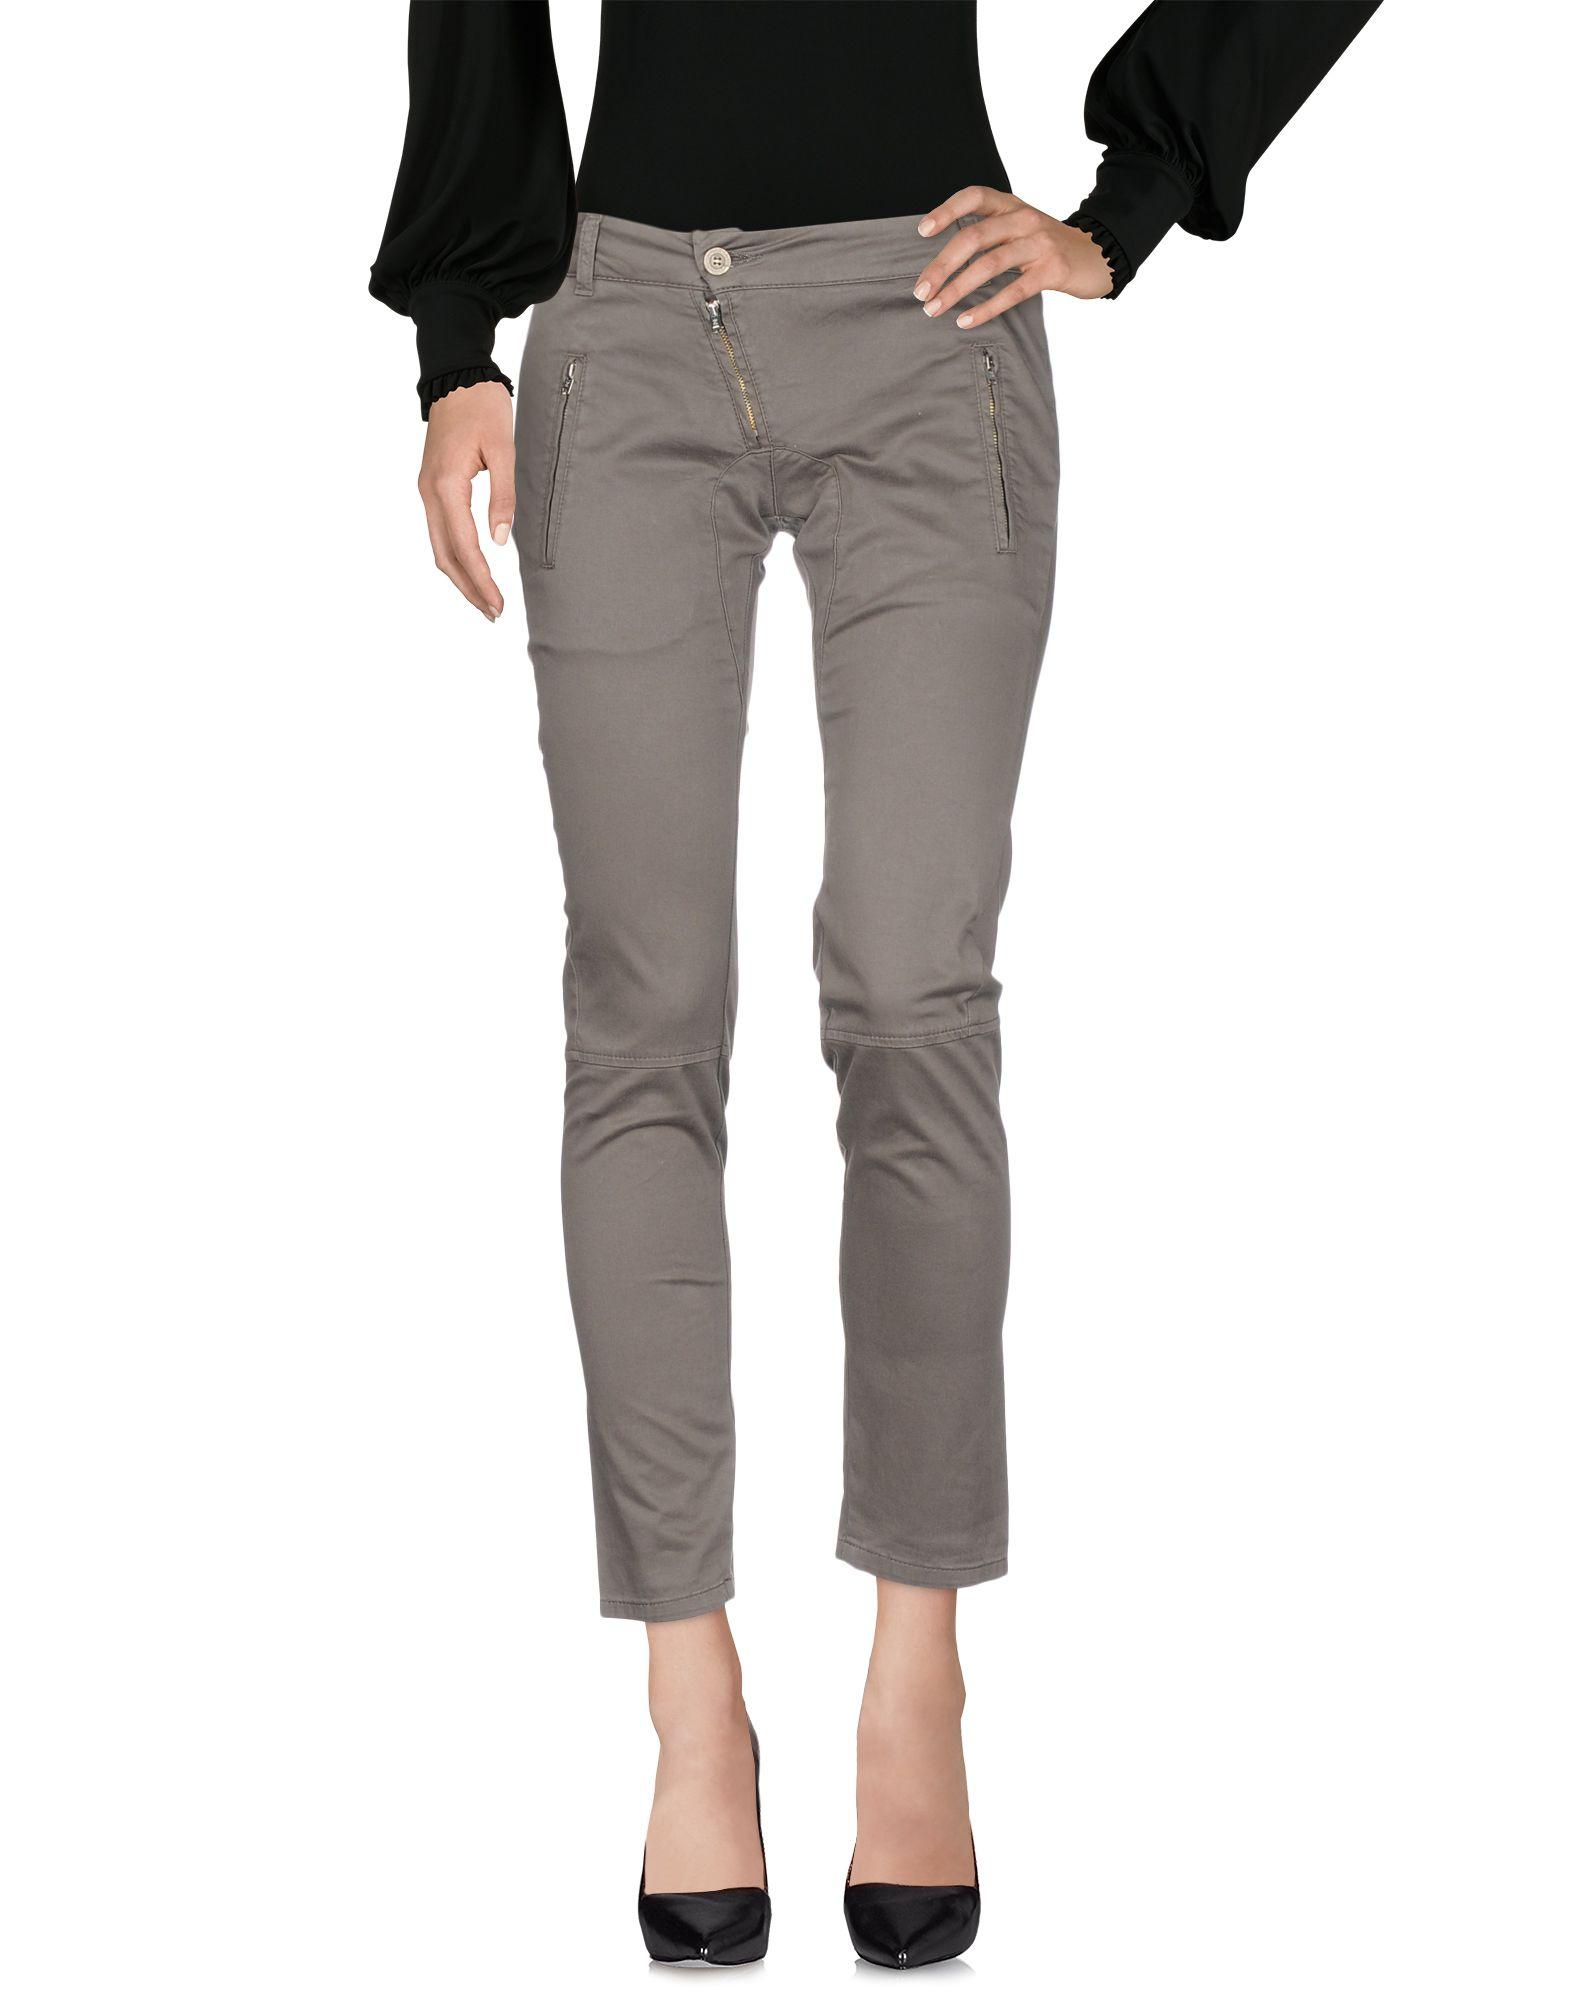 [PRO]VOCATΪON Повседневные брюки осень pro баскетбол спорт фитнес обучение плотно брюки унисекс штаны работает девять брюки стрейч брюки